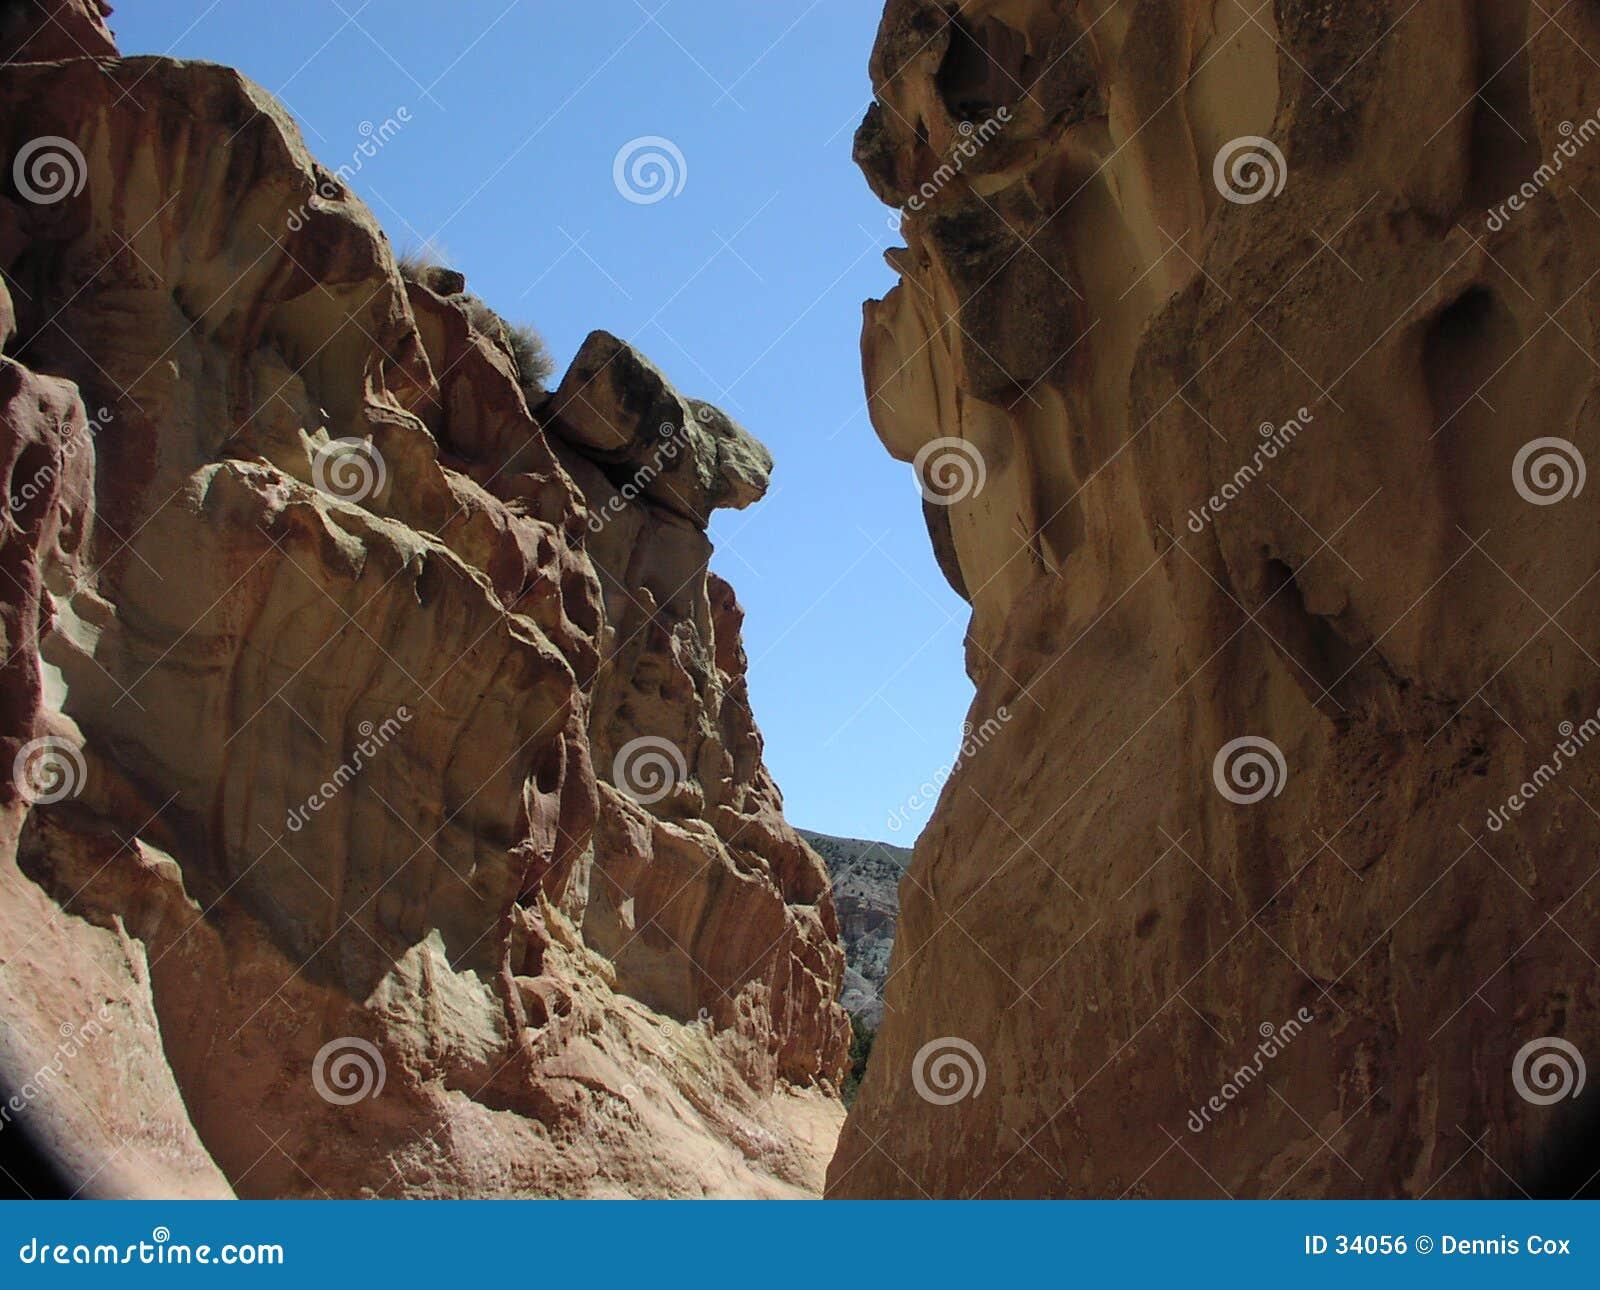 Download Zwischen Einem Felsen Und Einem Anderen Felsen Stockfoto - Bild von nave, felsen: 34056